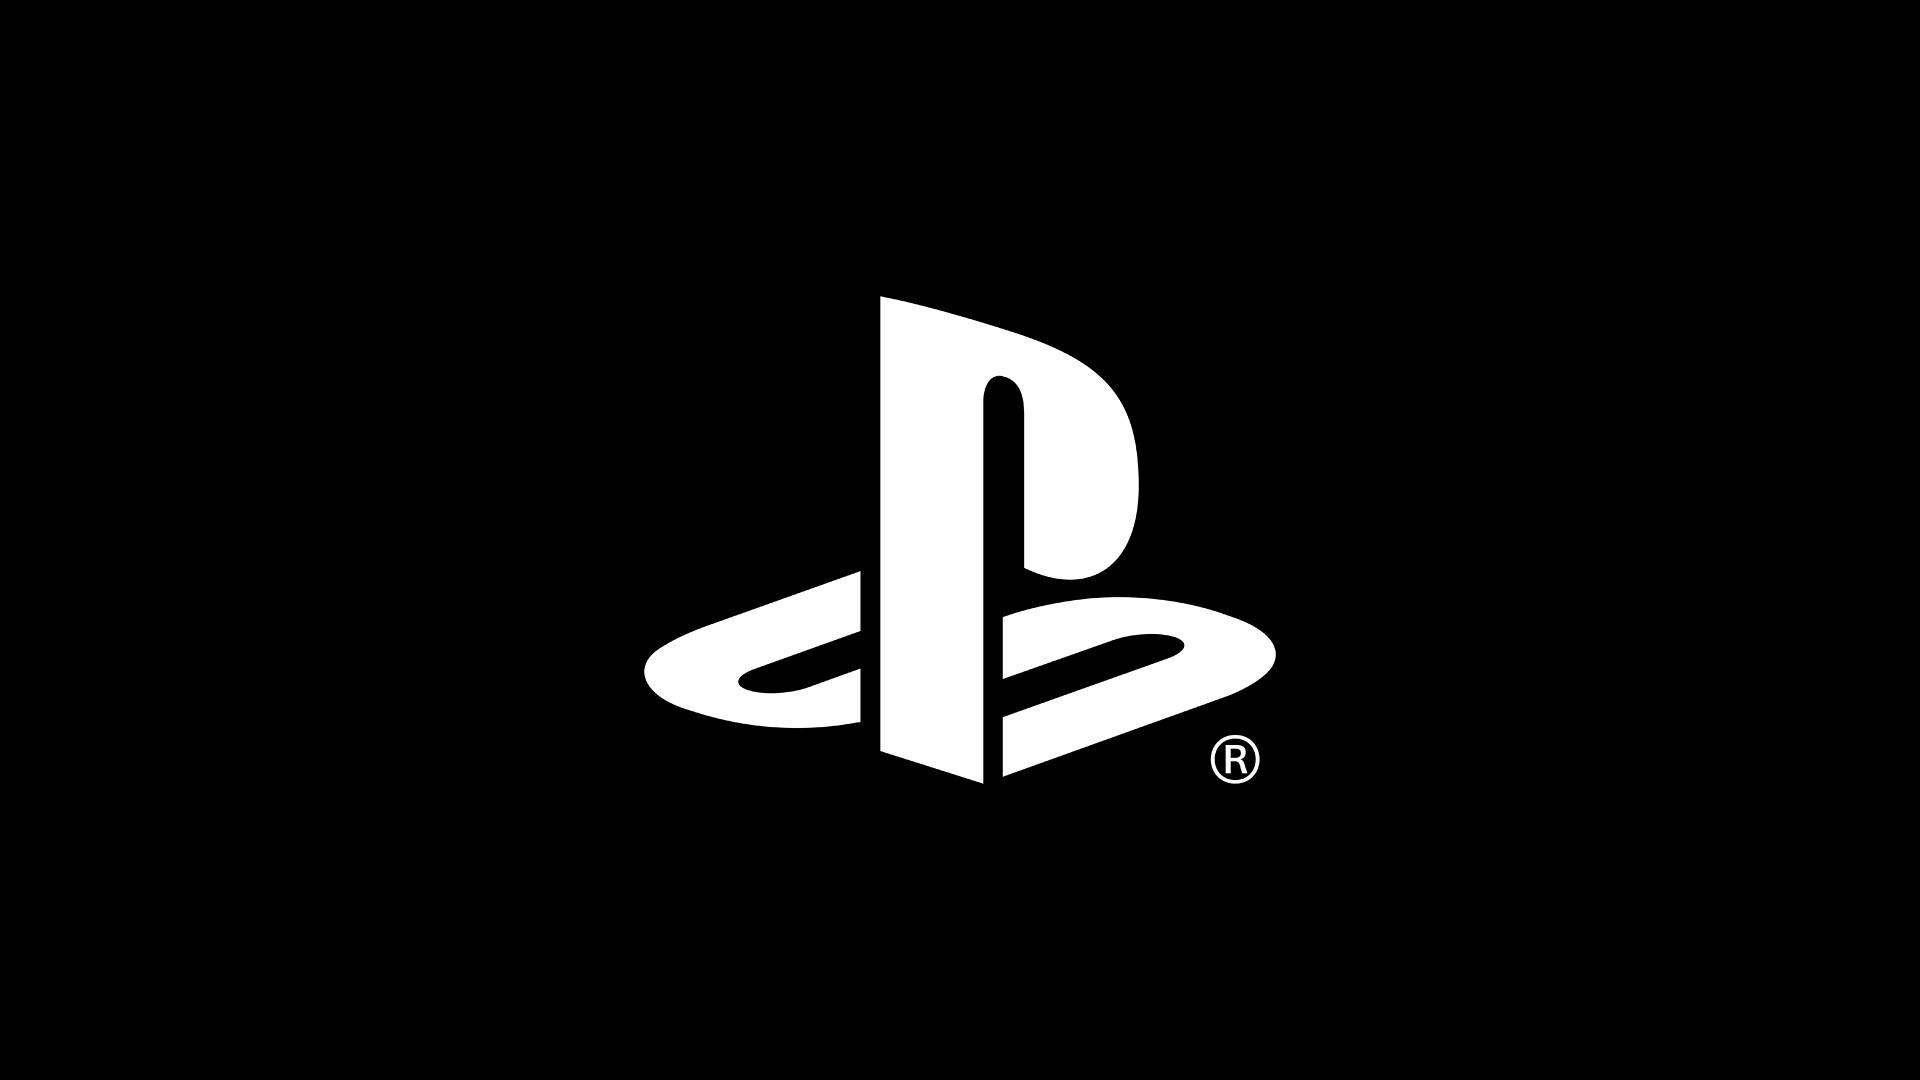 Jade Raymond Membuka Studio Independen Baru, Mengembangkan IP Baru untuk PlayStation